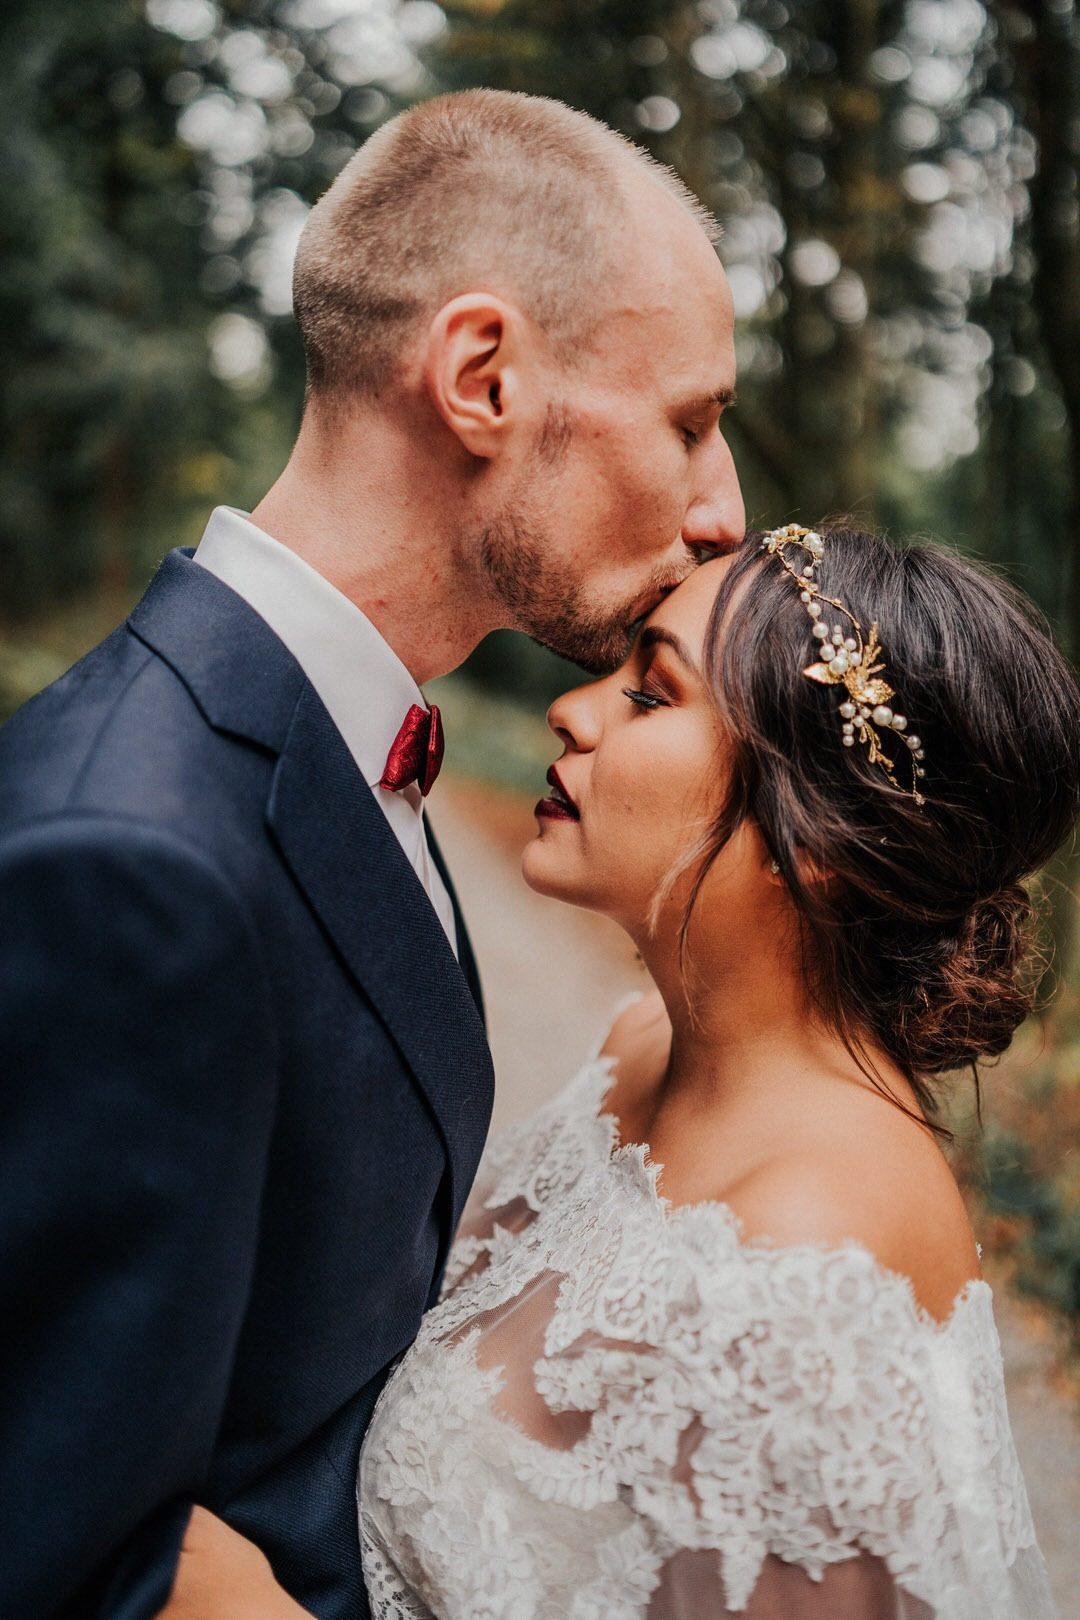 Bräutigam küsst Boho-Braut auf die Stirn